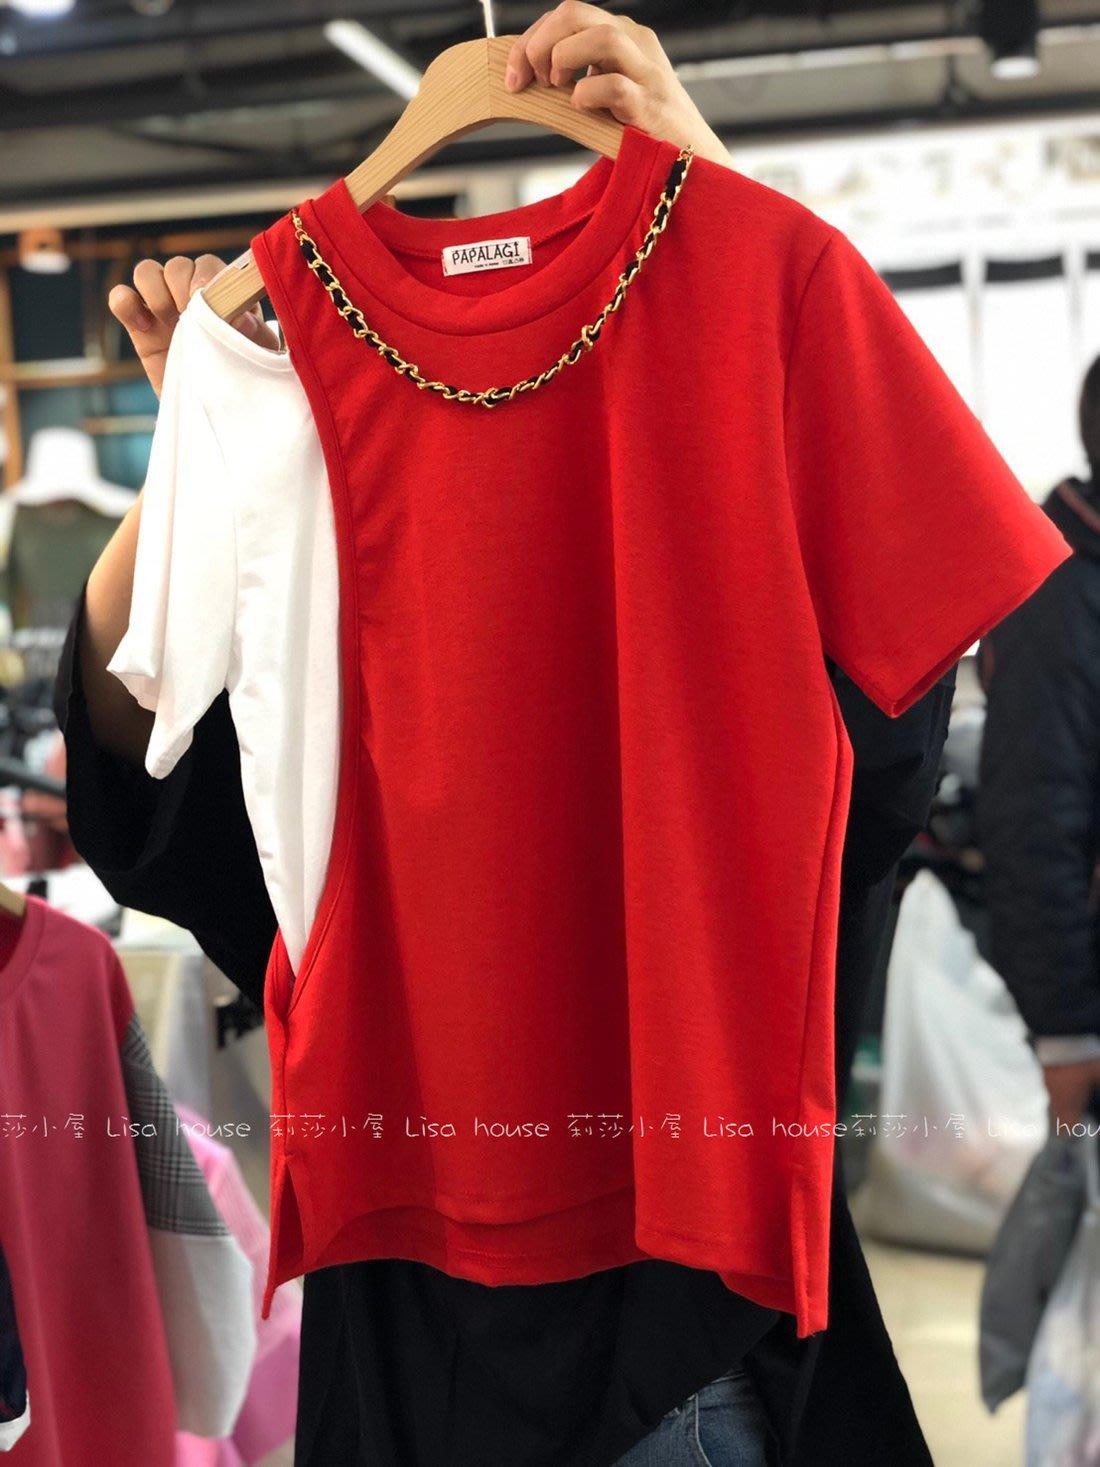 韓國連線代購(首爾)~春夏新品-鍊可拆配色造型上衣(現貨 紅色)【莉莎小屋】正韓 韓國空運 E190320